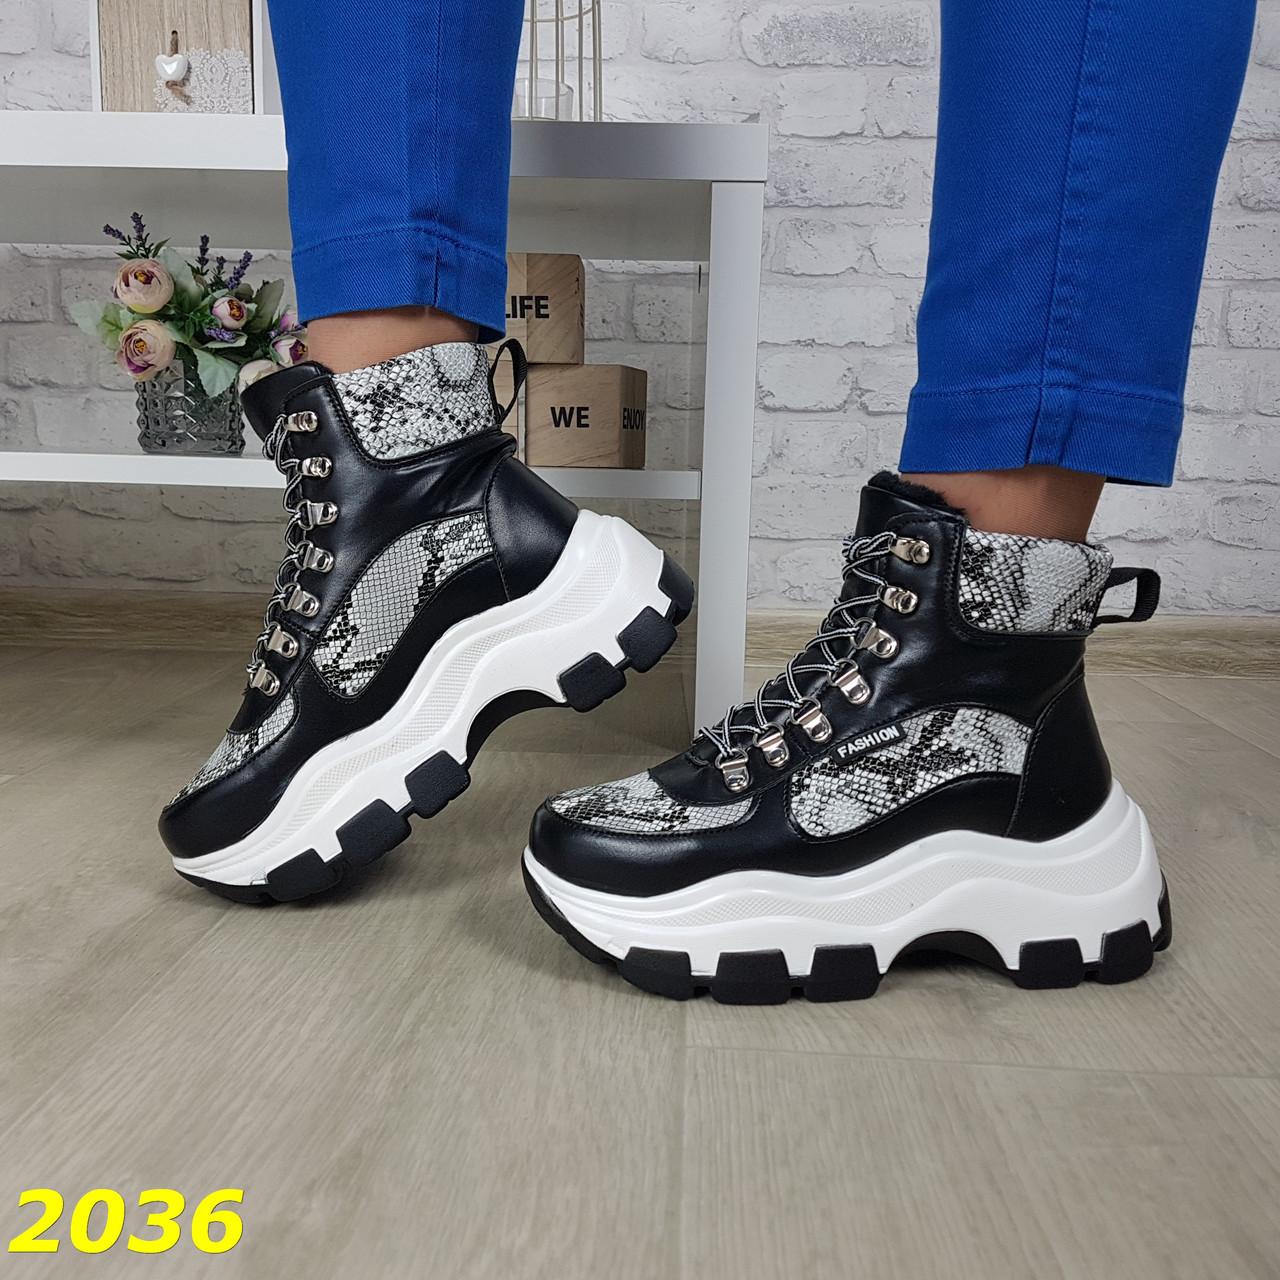 Зимние ботинки кроссовки на высокой тракторной платформе В НАЛИЧИИ ТОЛЬКО 36р